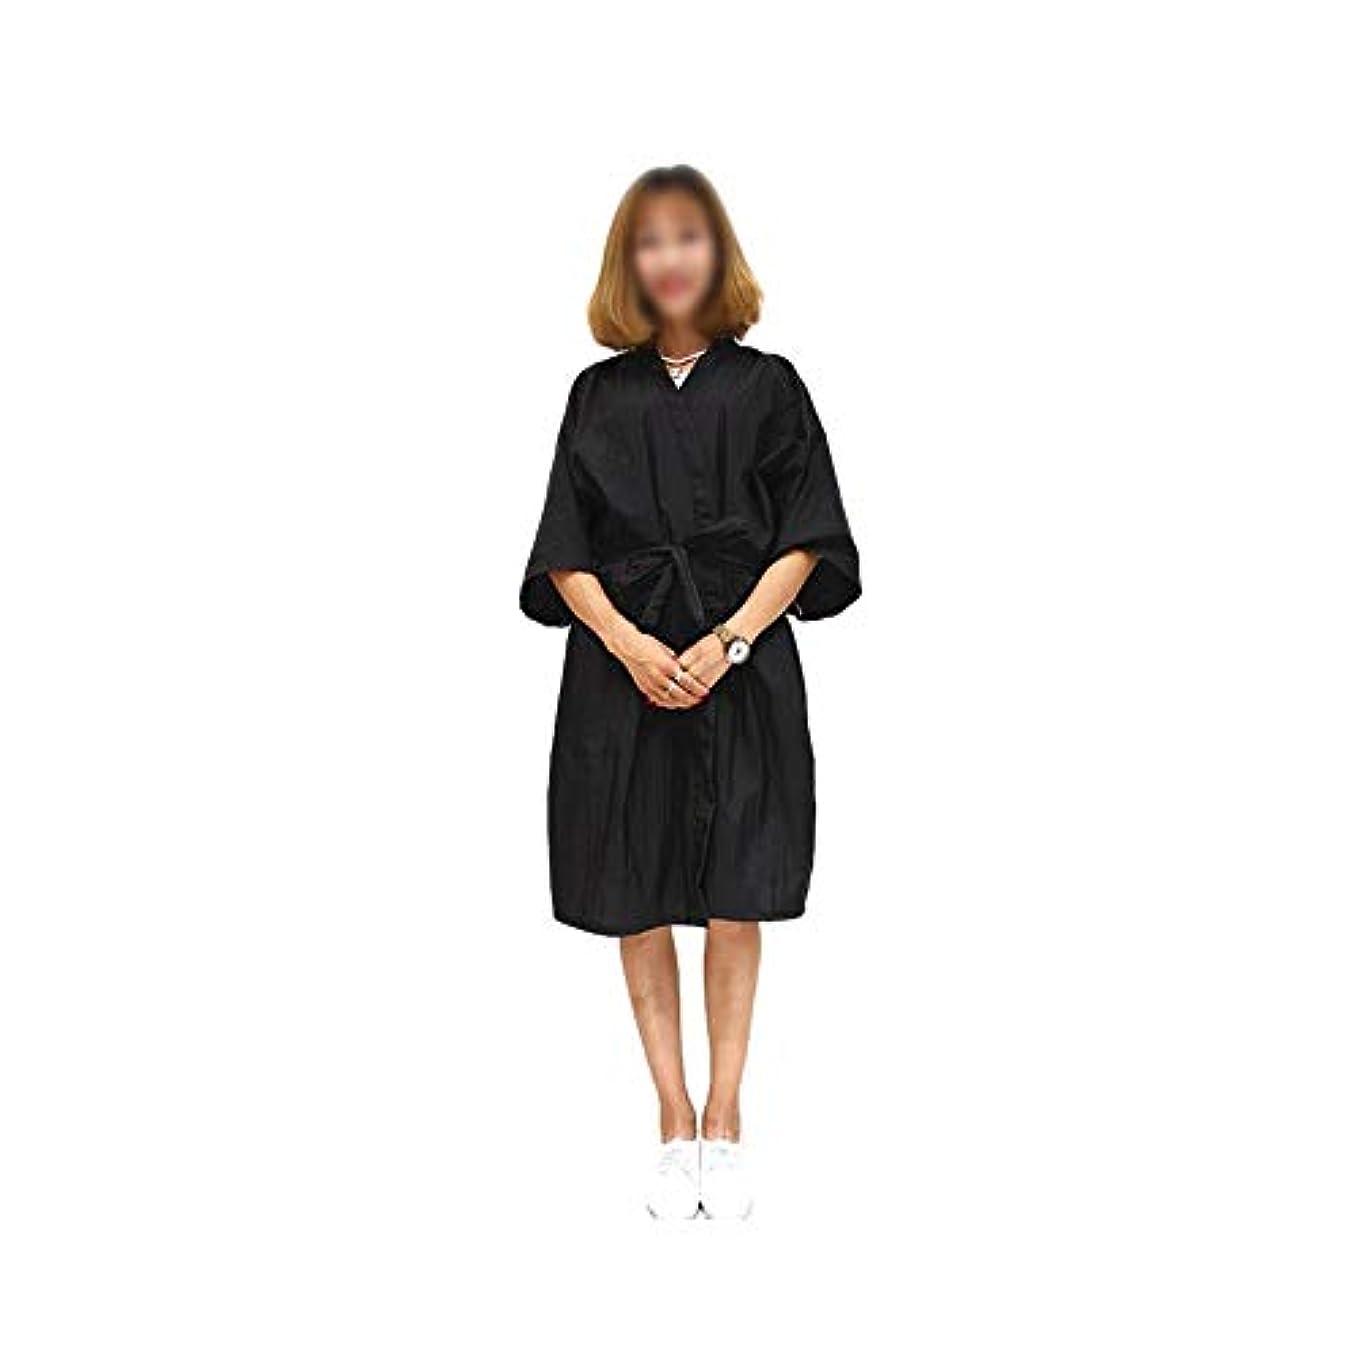 状バーガー従うLucy Day サロンヘアカットガウンバーバーケープクロスビューティースパ衣類ヘアスタイリングケープナイロンヘアカット (色 : 黒)